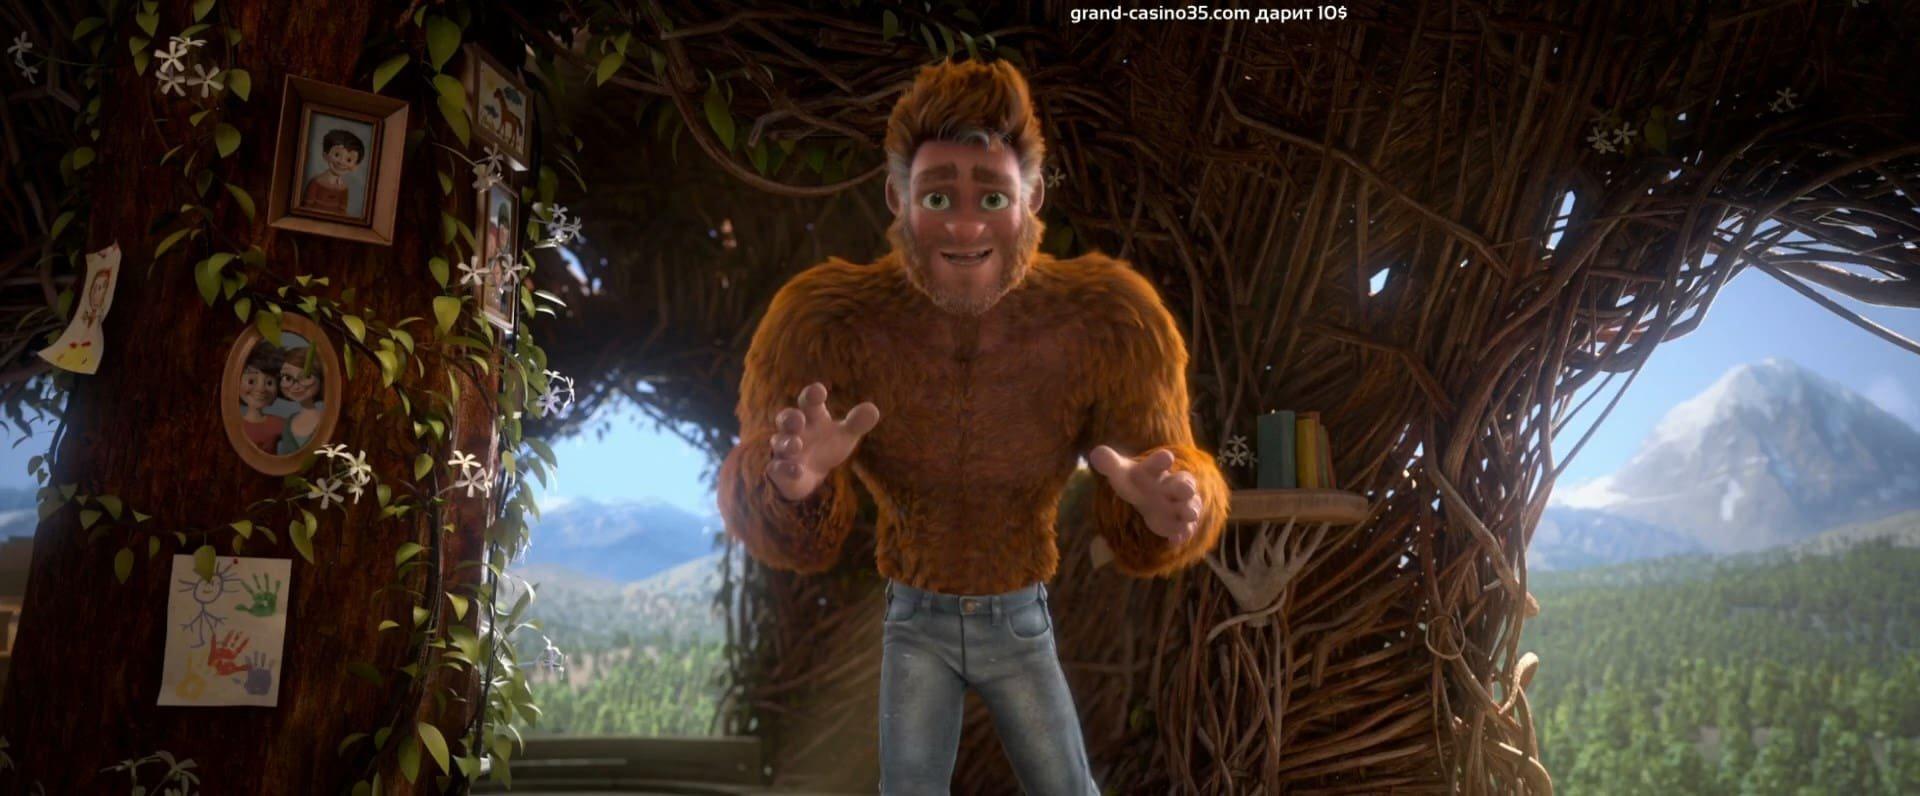 Стань легендой! Бигфут Младший / The Son of Bigfoot (2017) WEB-DLRip | WEB-DL 720p | WEB-DL 1080p